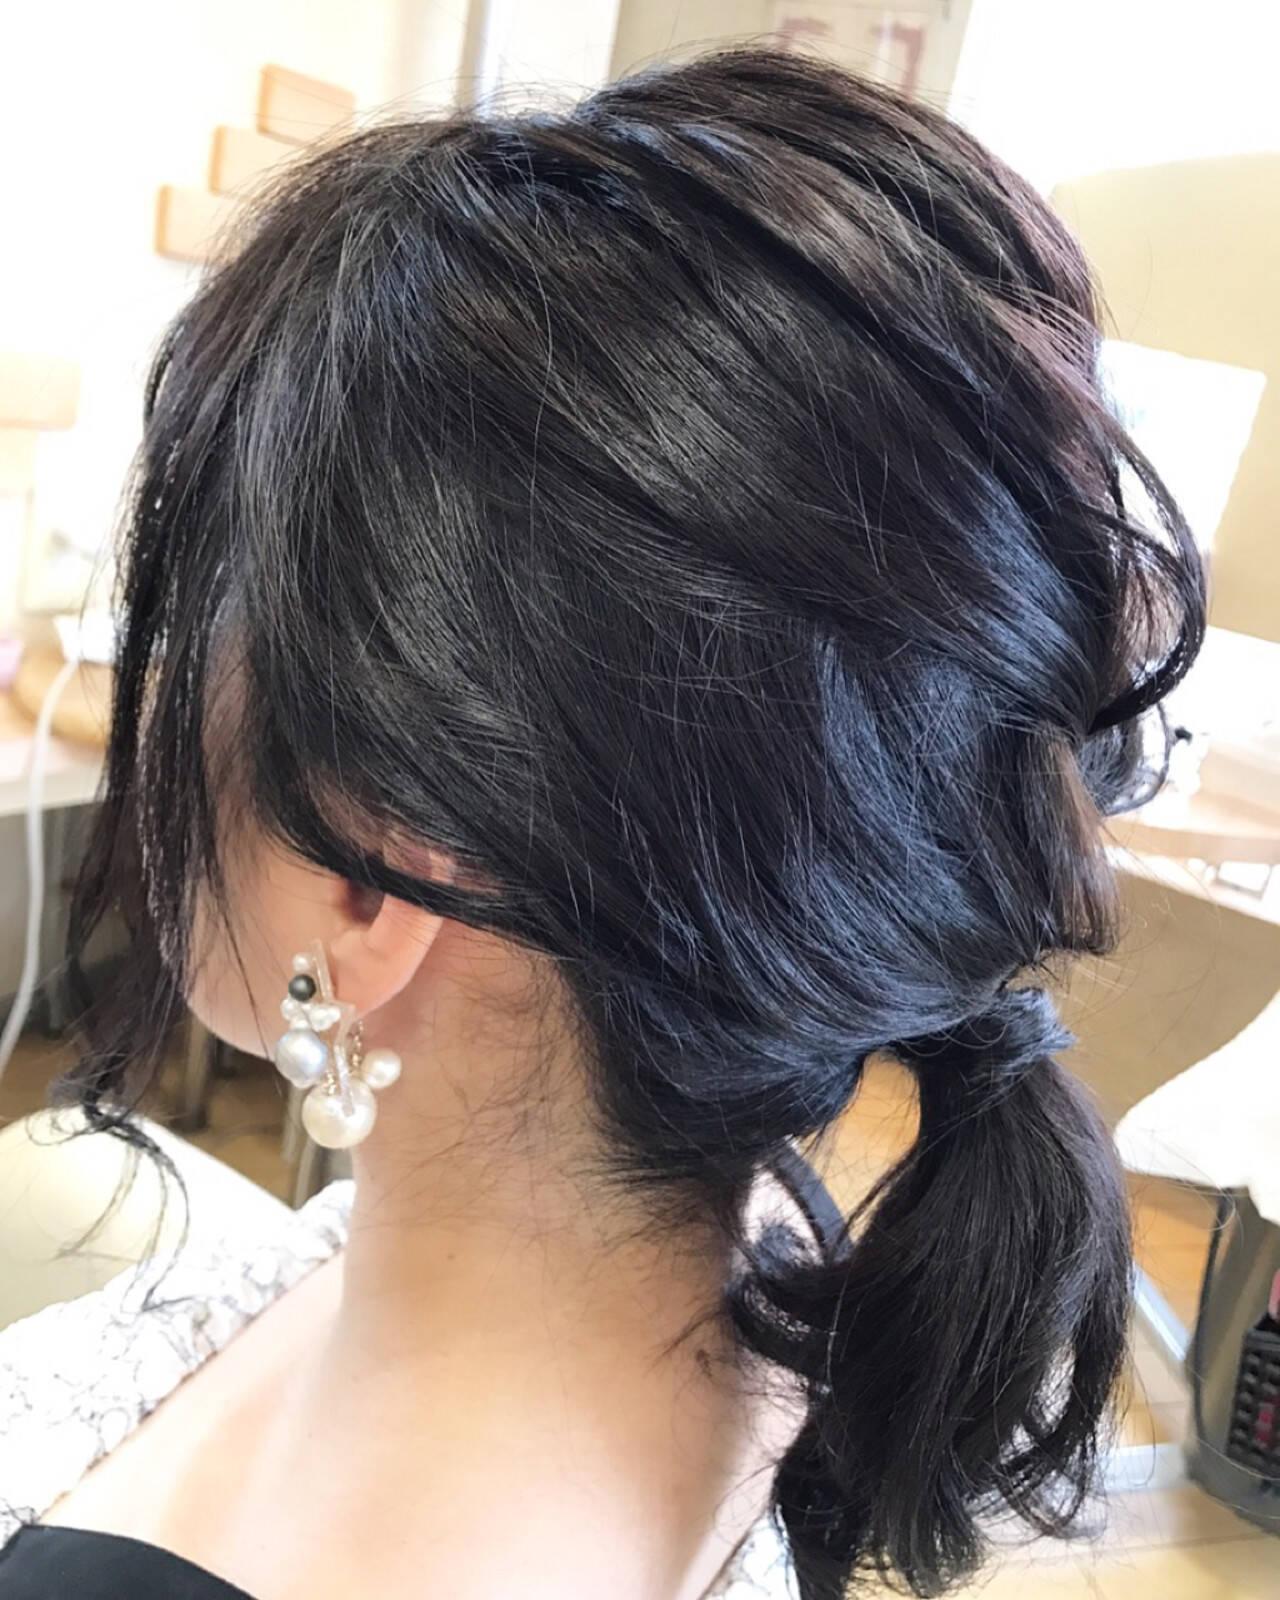 ナチュラル 涼しげ 透明感 大人かわいいヘアスタイルや髪型の写真・画像